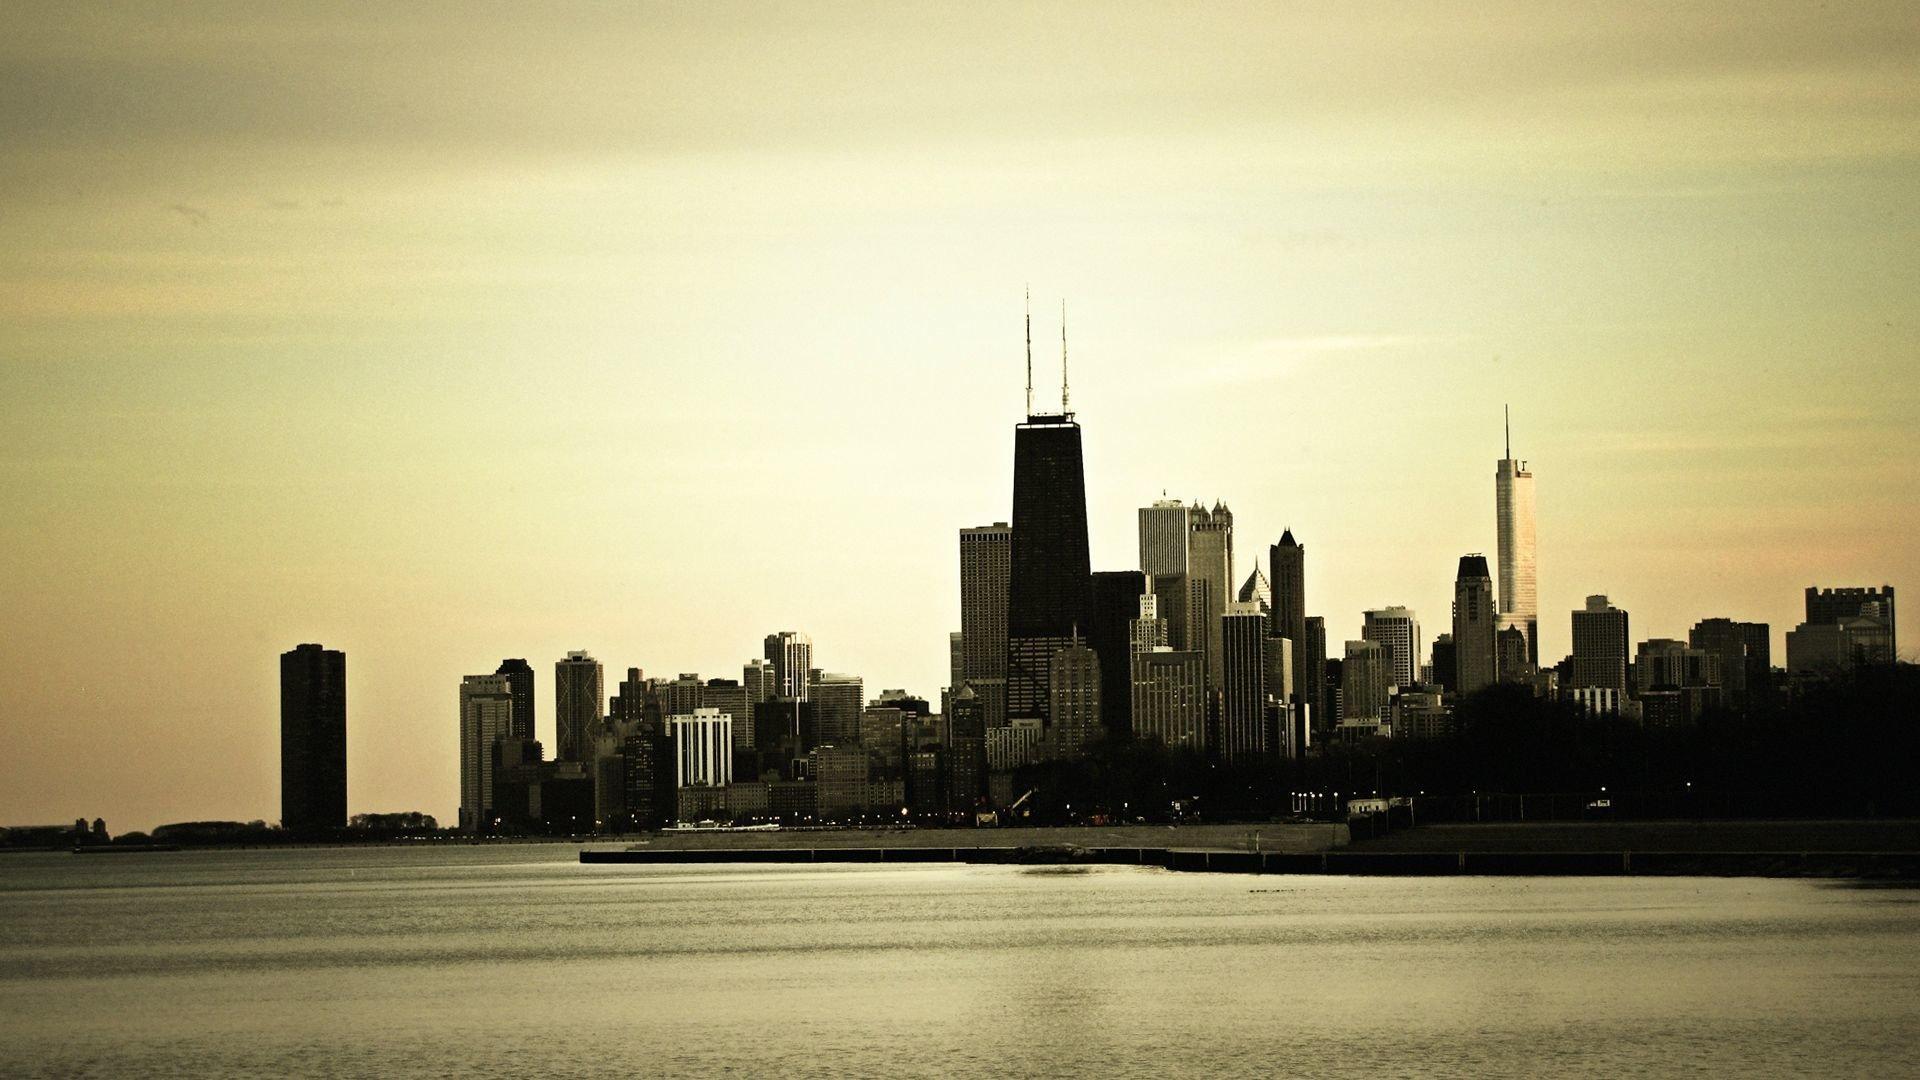 Man Made - Chicago  Skyscraper Building Cityscape Wallpaper